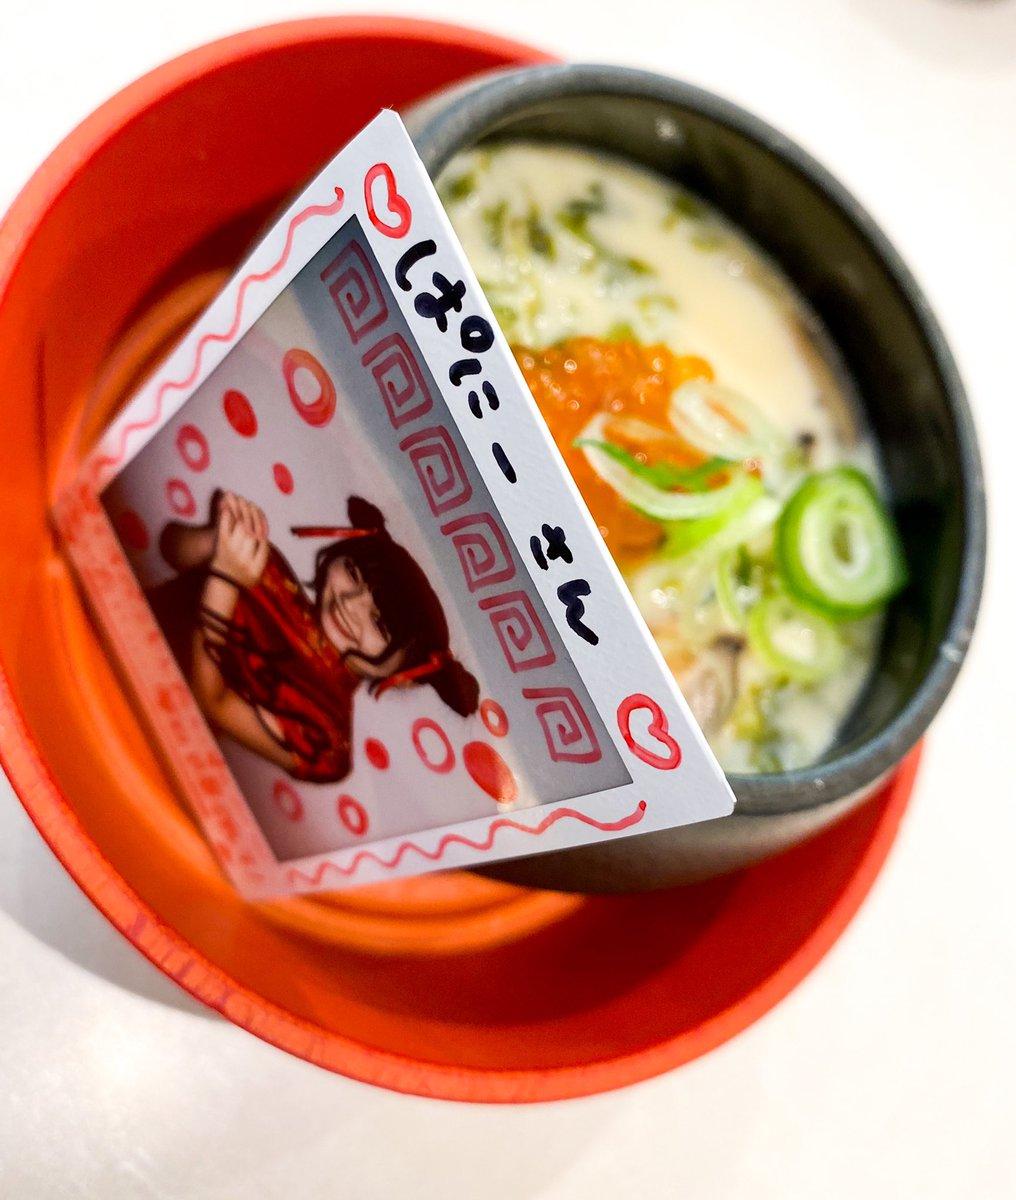 かれんちゃん🐰🎀 イクラの茶碗蒸しだよ  初めて、はま寿司来たけれどイクラメニュー多かったよ🍣  #KAREN #病名KARENワズライ #俺の大大大好きかれんちゃん #PiXMiX #ピクミク